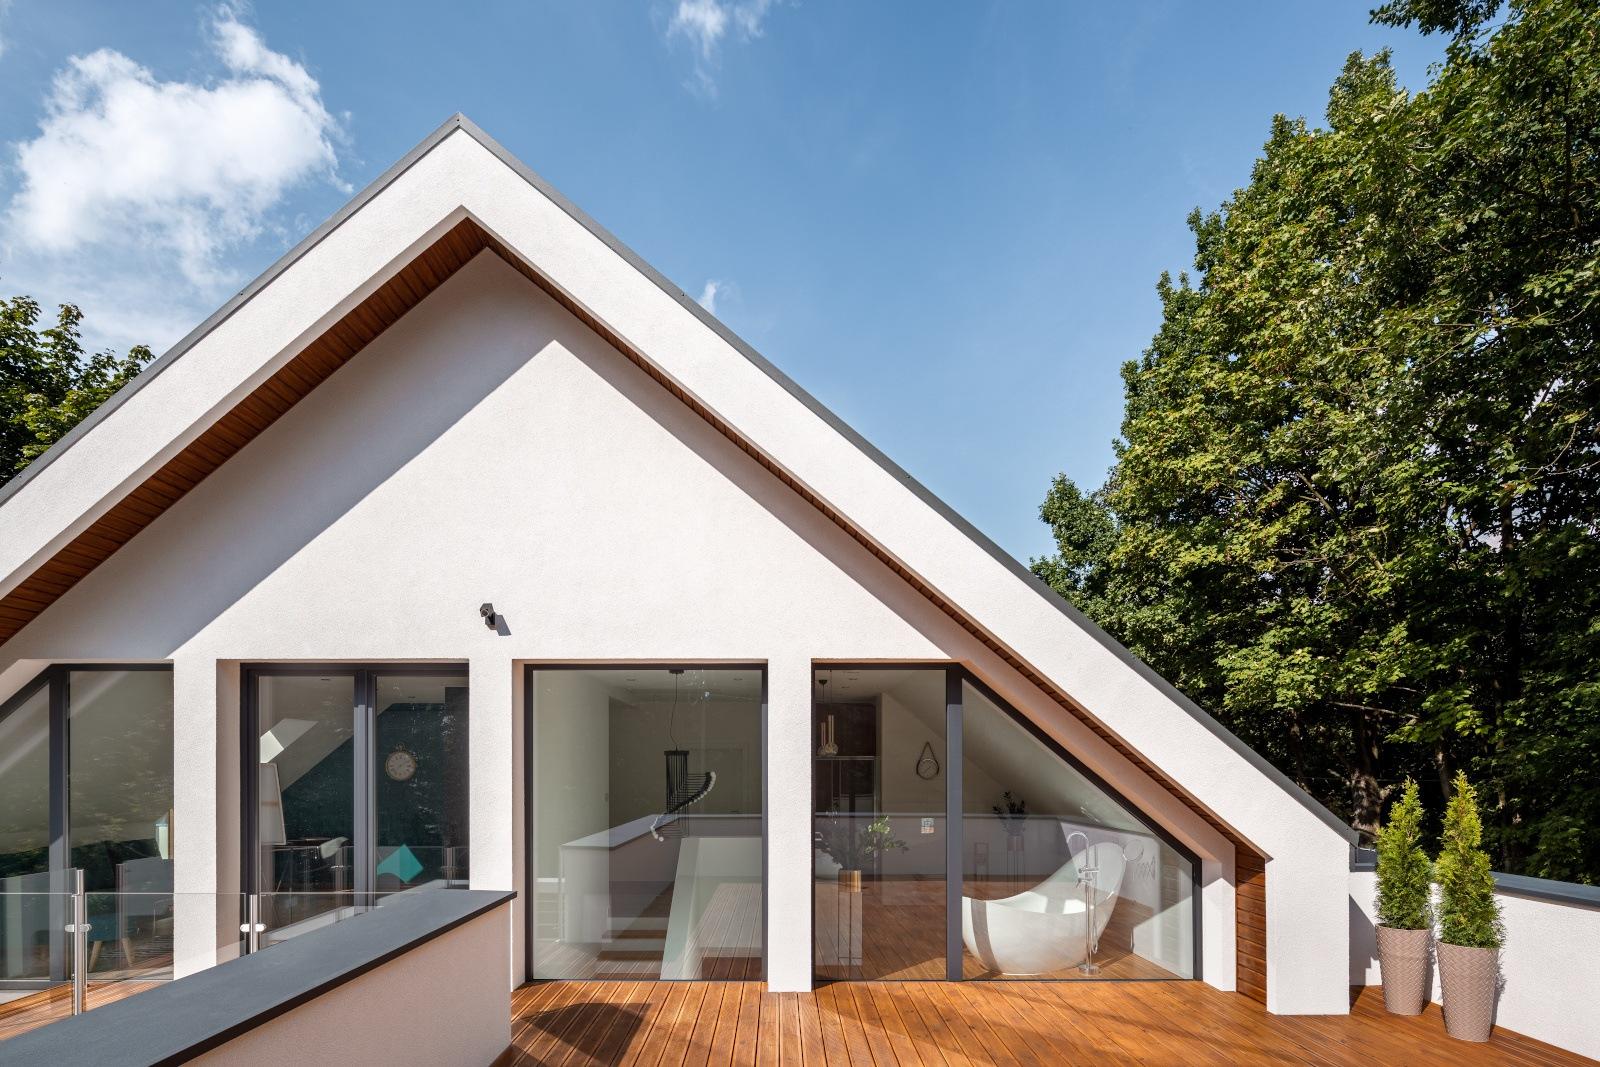 Full Size of Dachgeschosswohnung Einrichten 15 Tipps Fr Deine Dachwohnung Kleine Küche Badezimmer Wohnzimmer Dachgeschosswohnung Einrichten